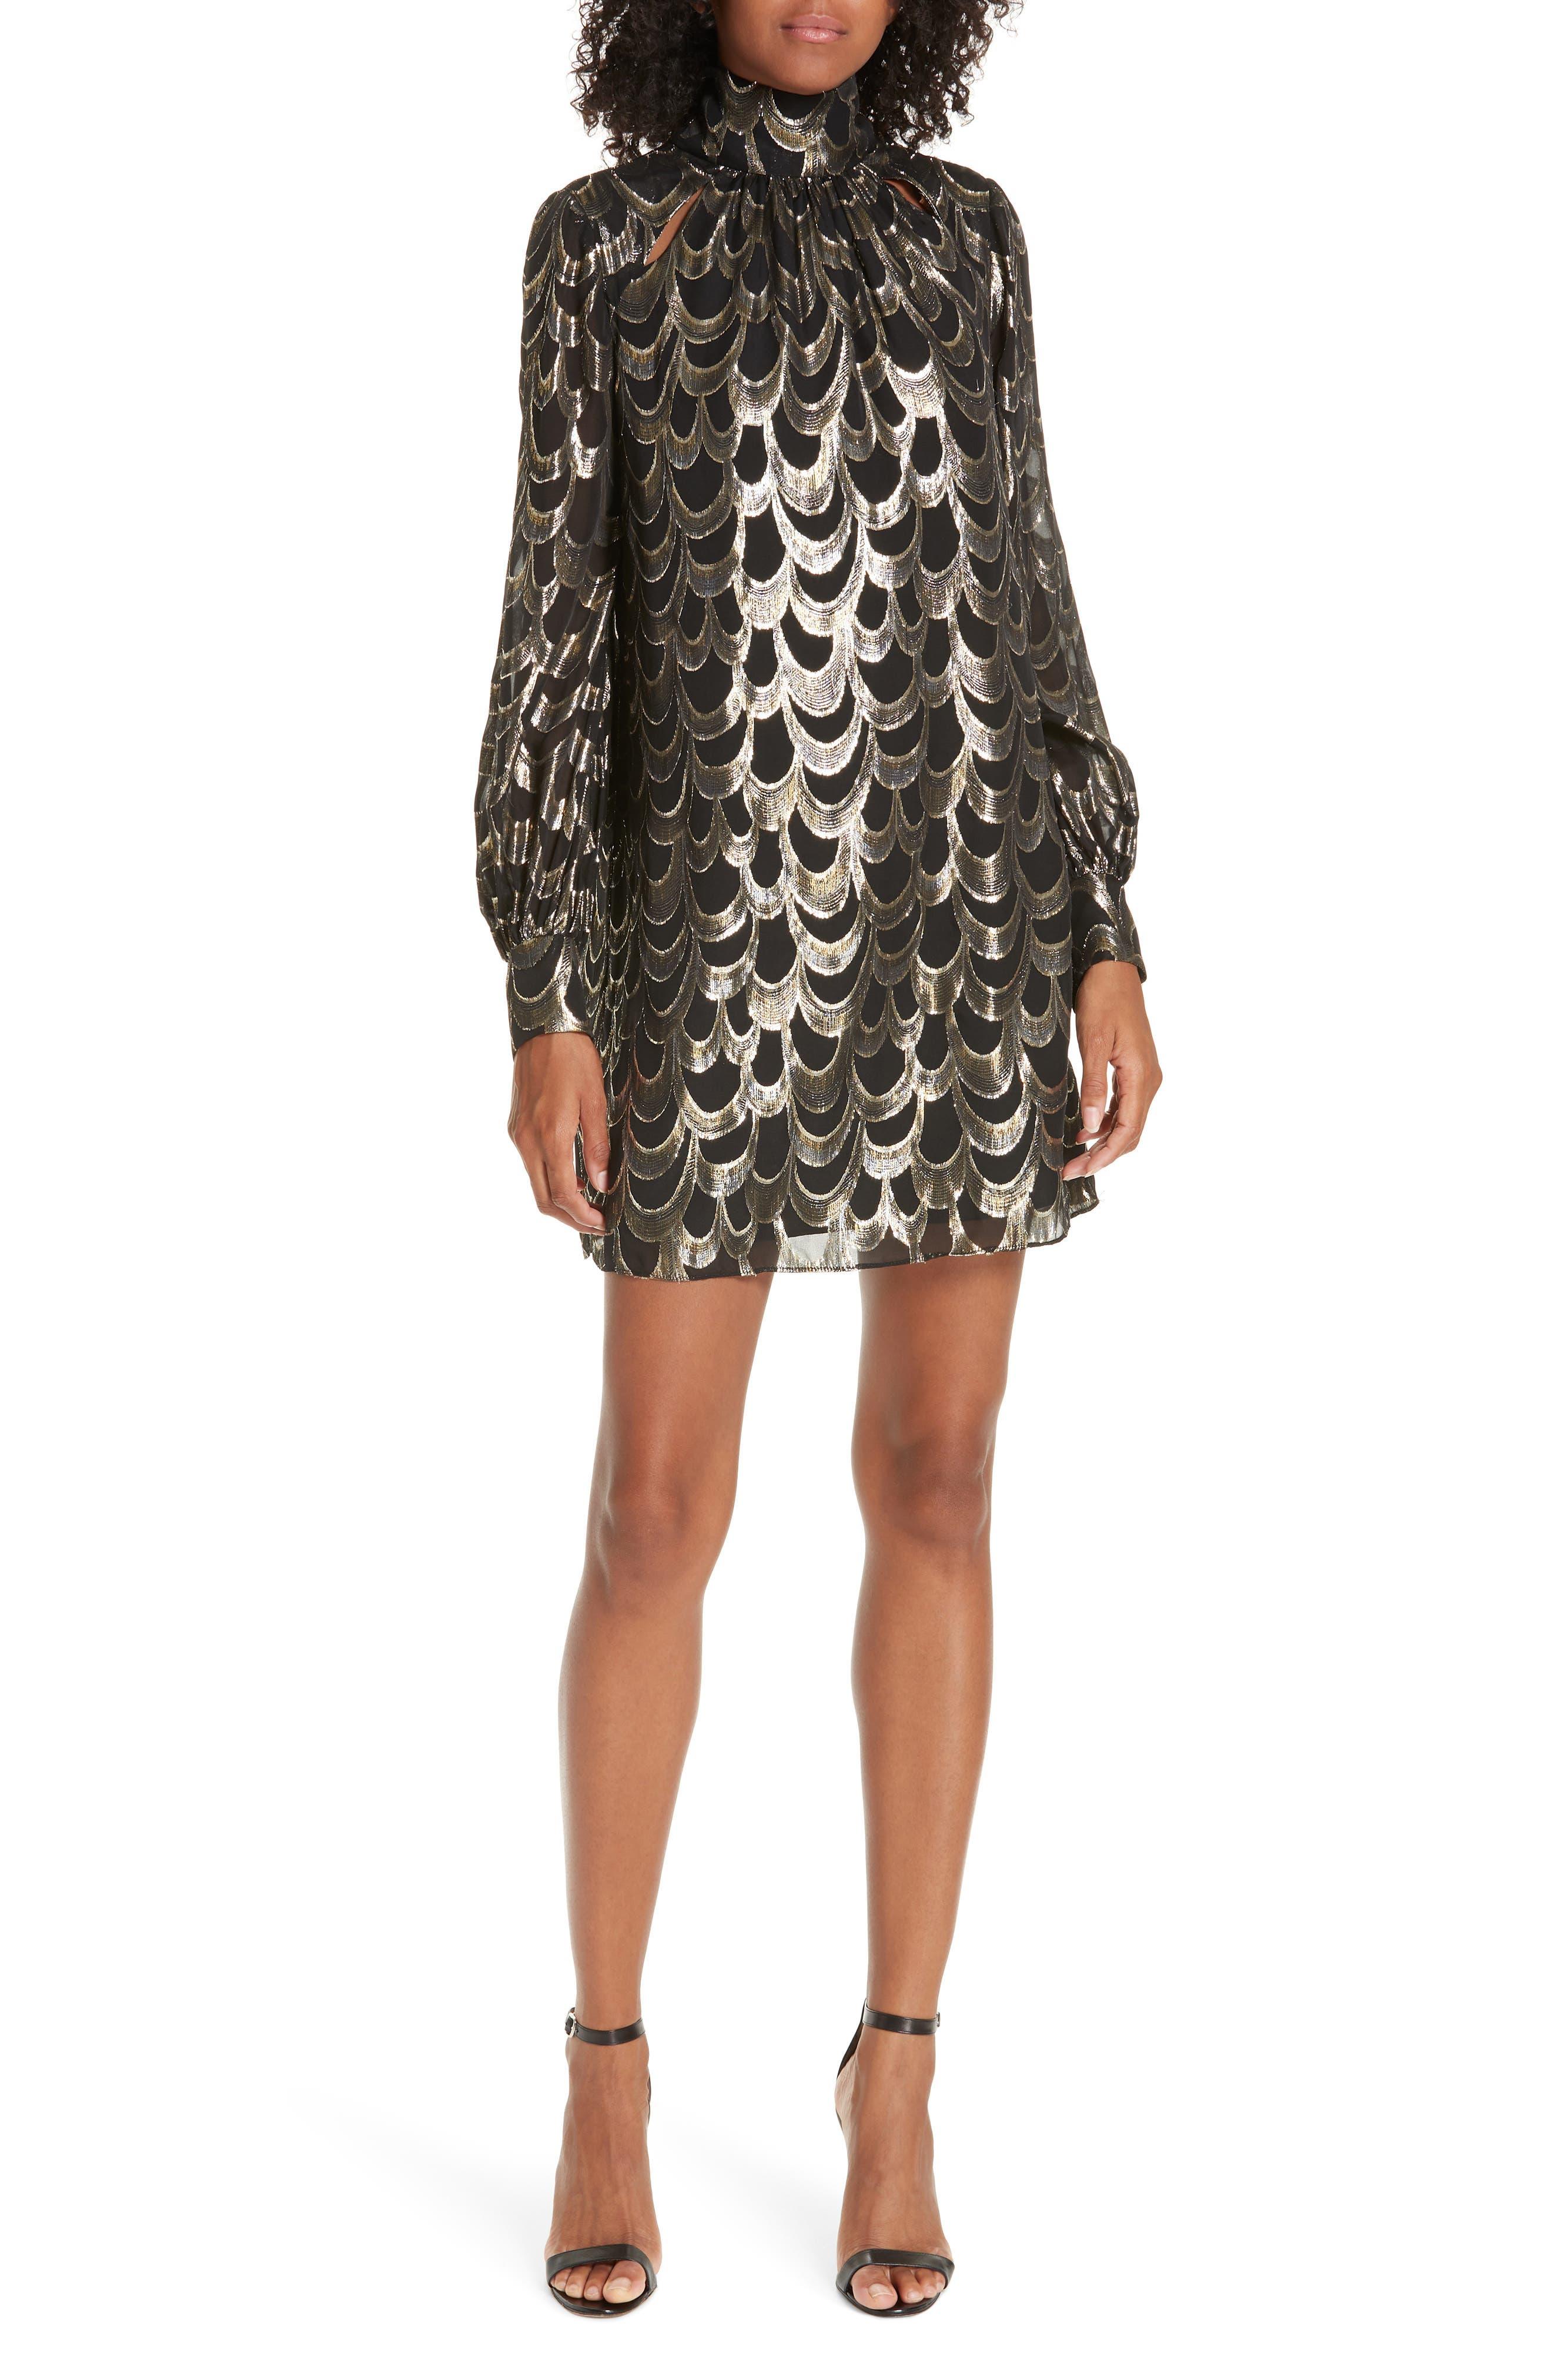 Milly Metallic & Silk Mini Dress, Black